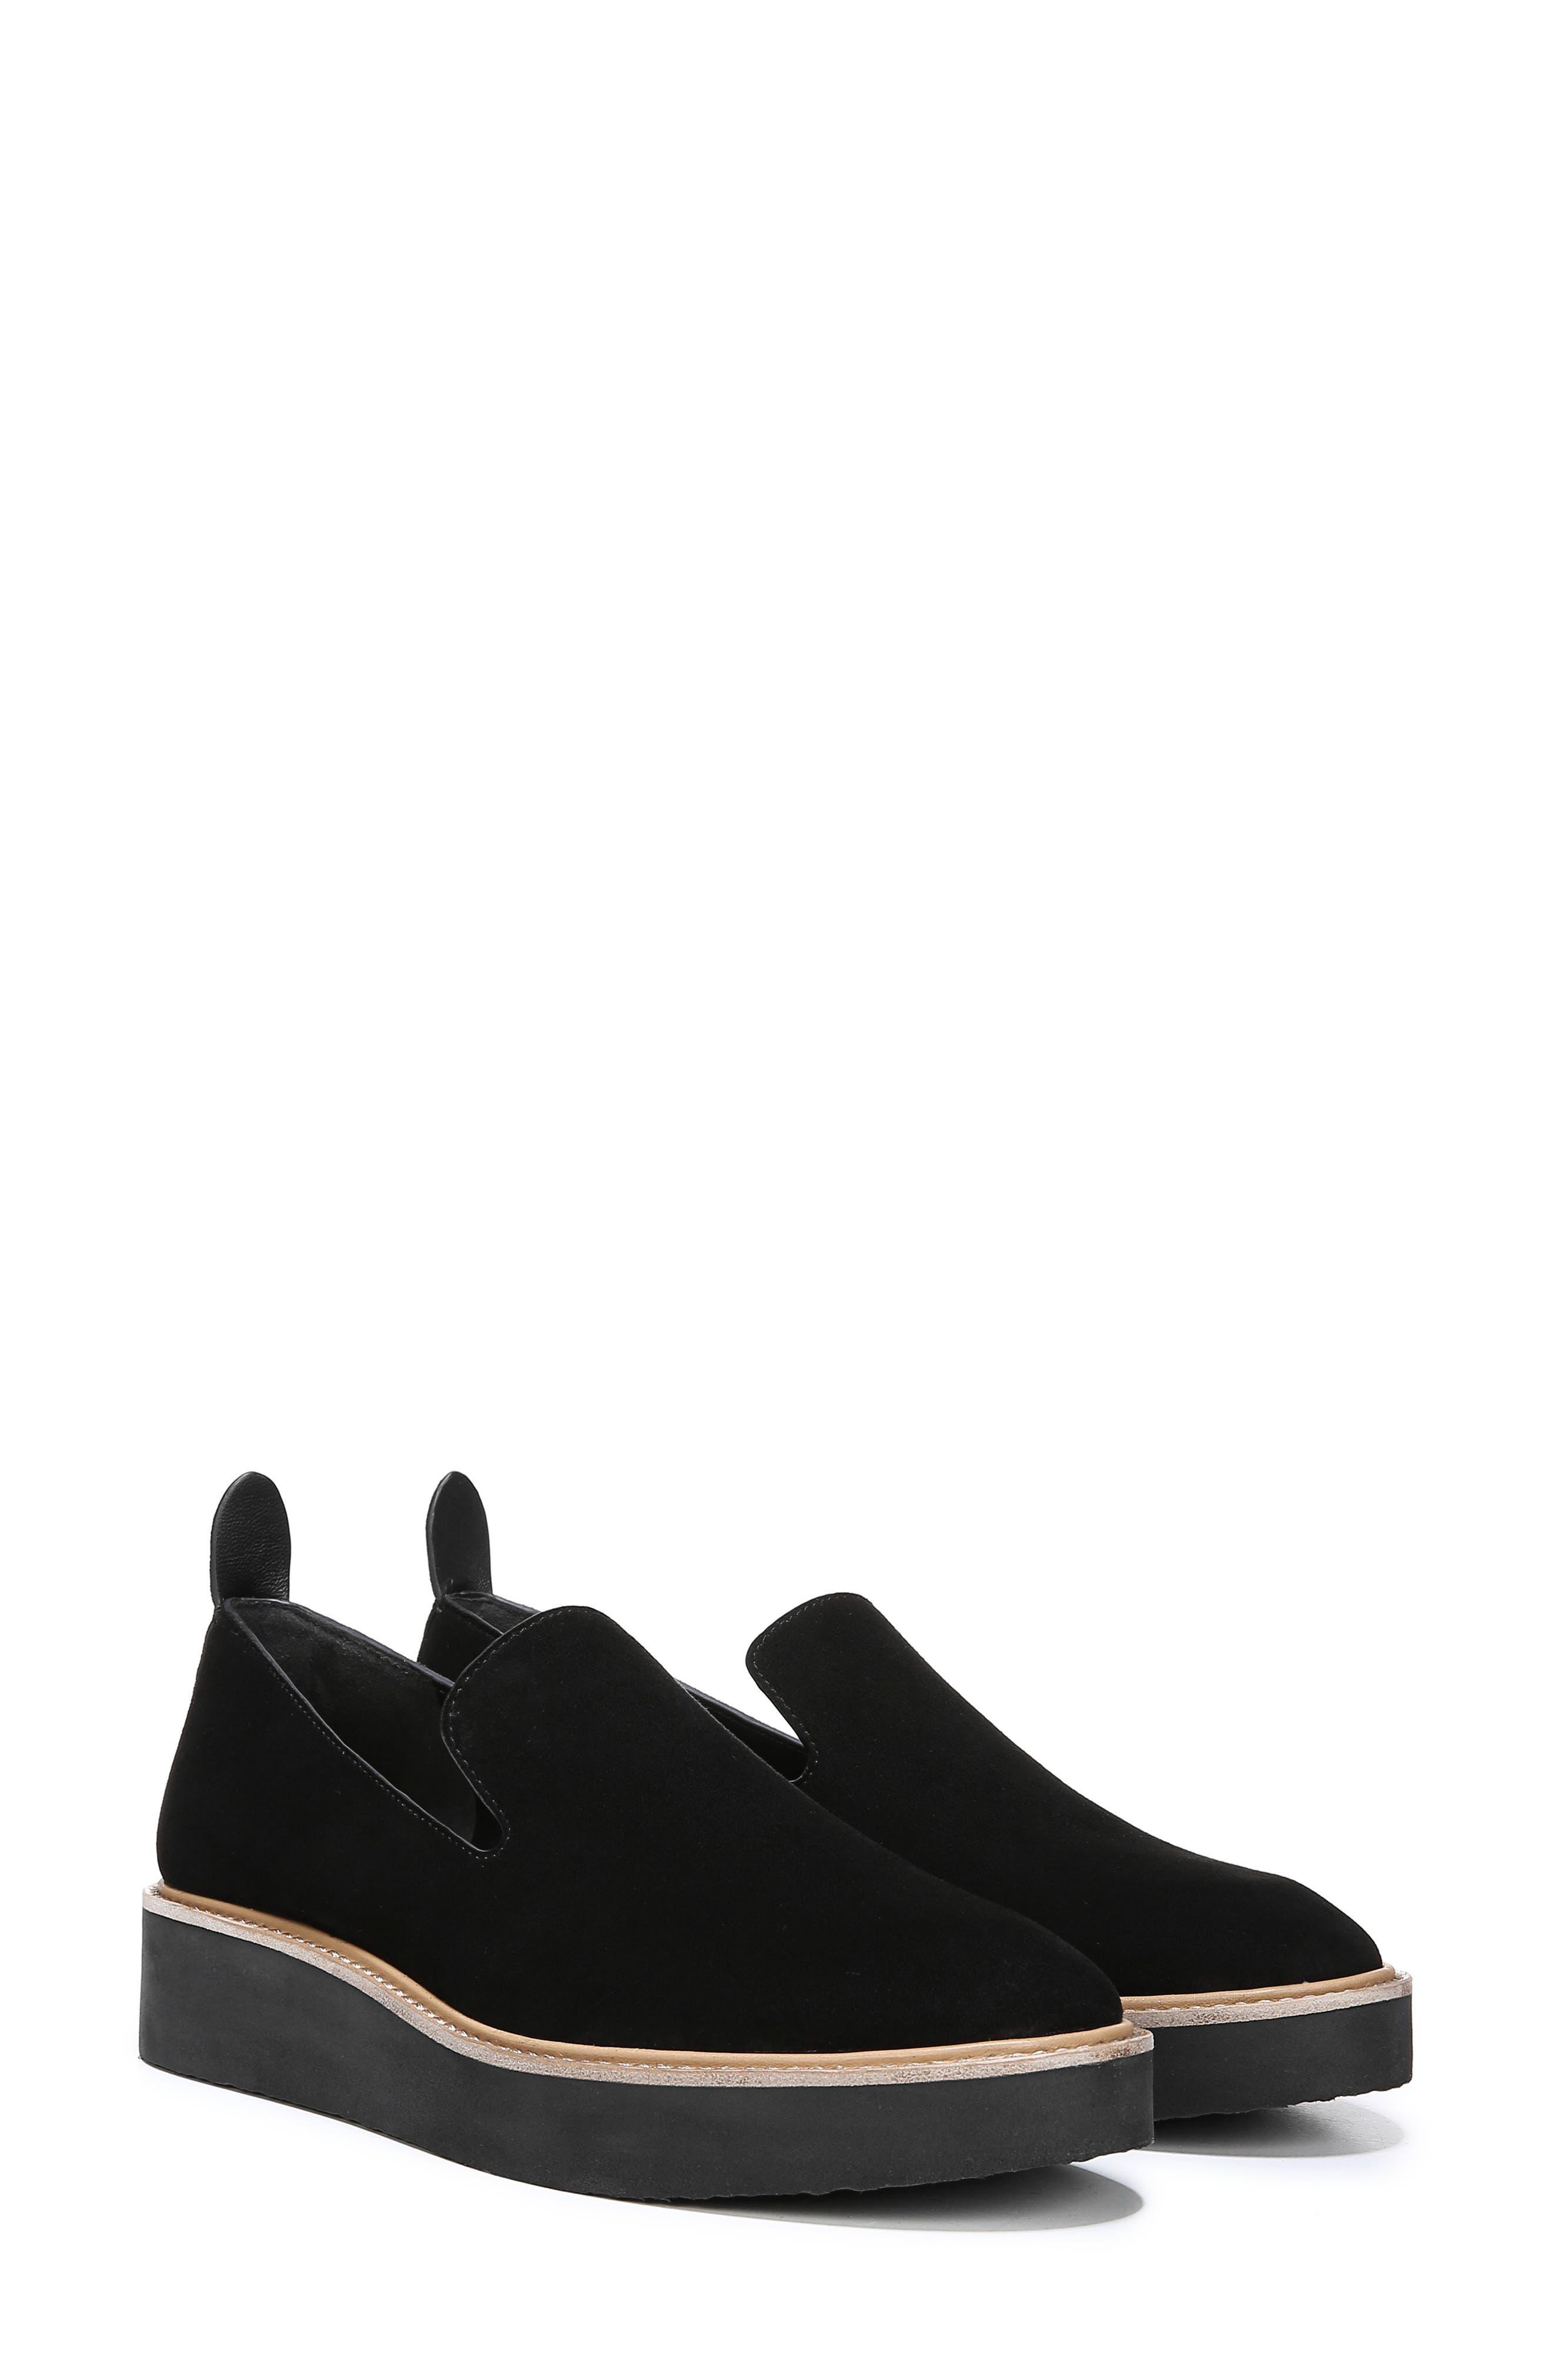 Sanders Slip-On Sneaker,                             Alternate thumbnail 9, color,                             BLACK/ BLACK LEATHER